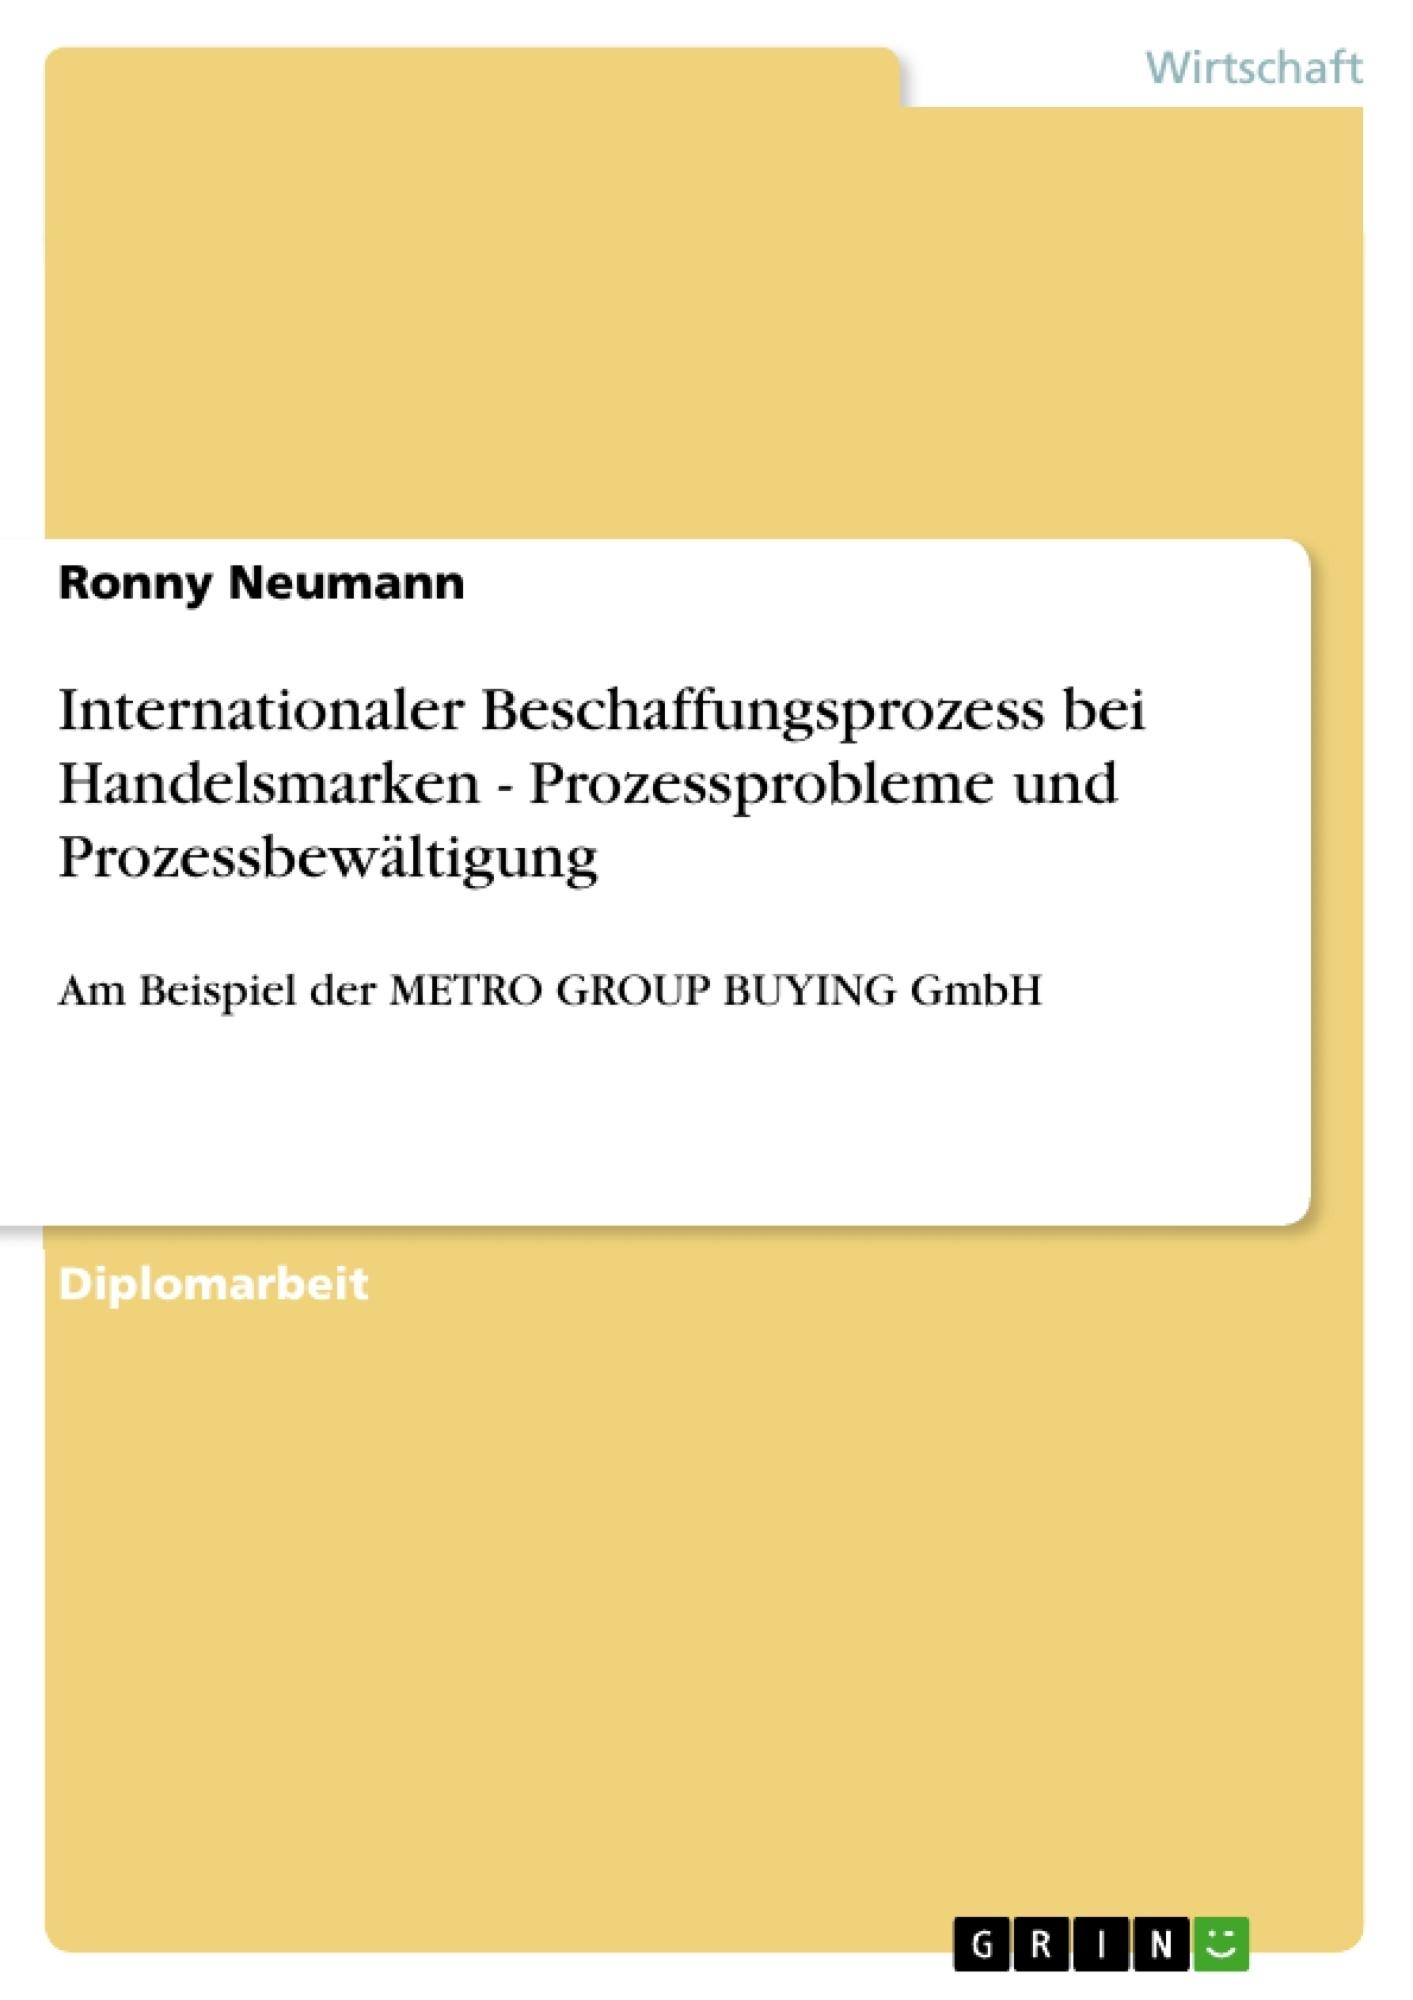 Titel: Internationaler Beschaffungsprozess bei Handelsmarken -  Prozessprobleme und Prozessbewältigung